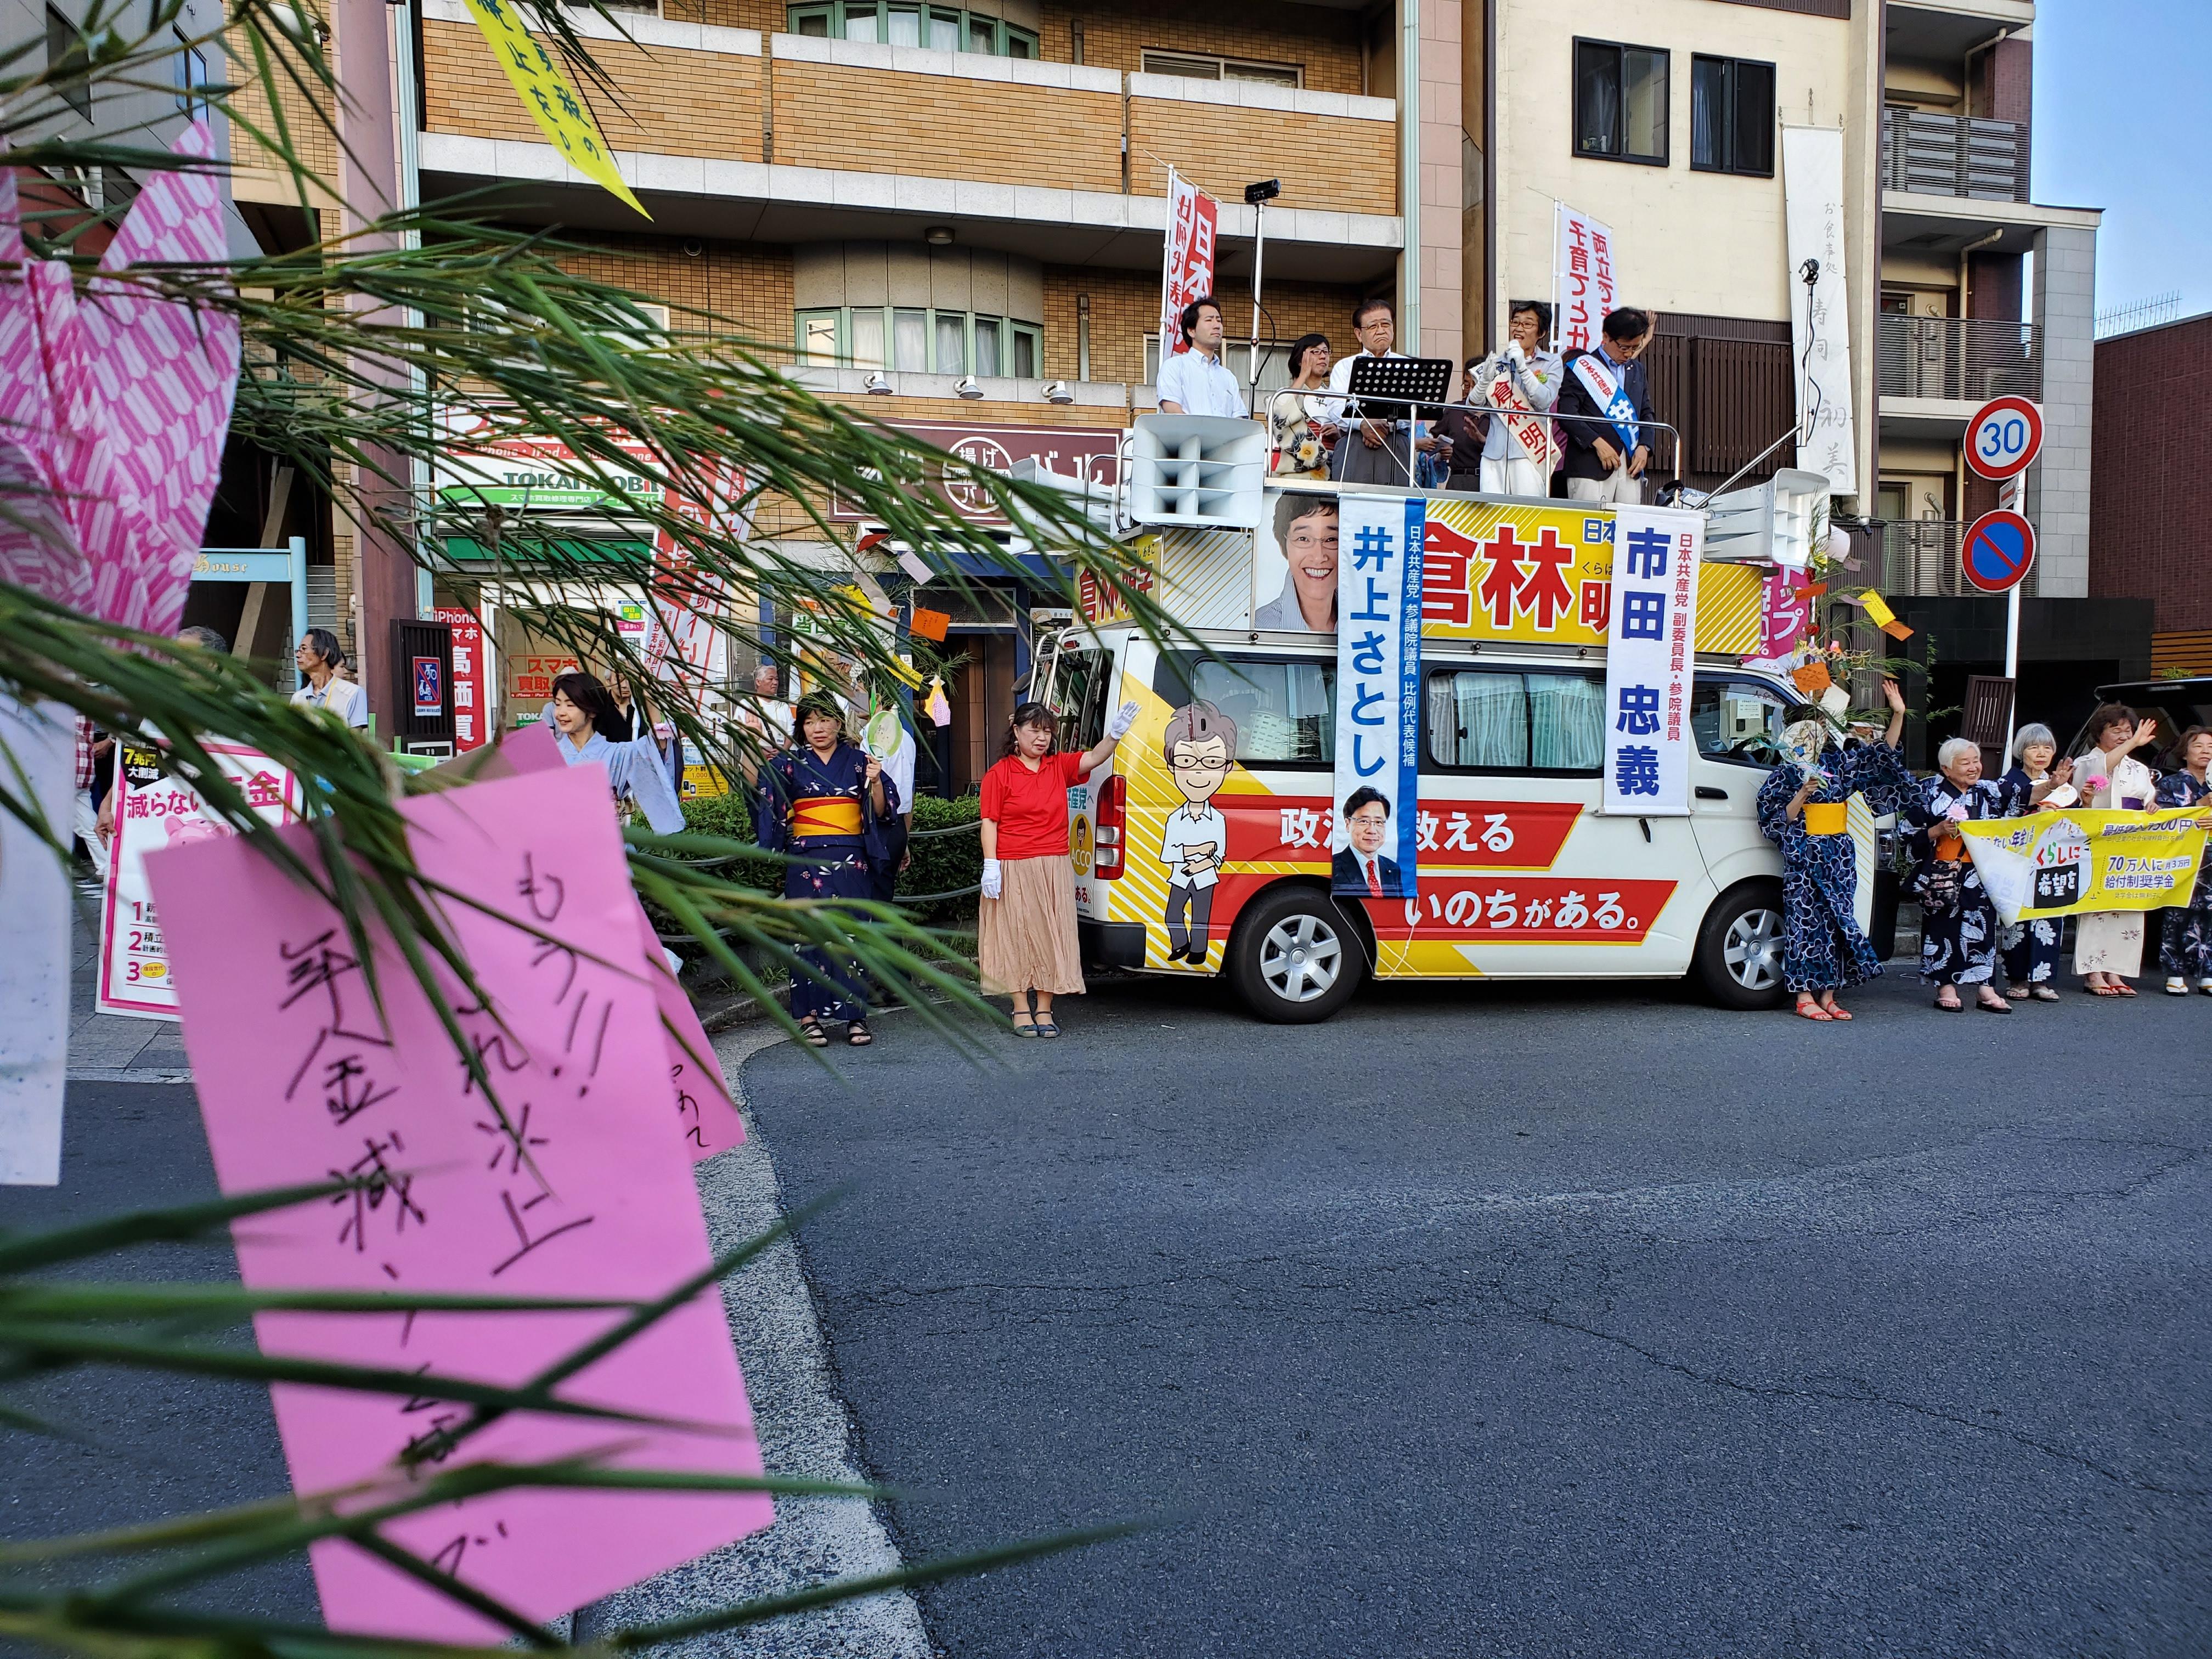 http://www.inoue-satoshi.com/diary/20190707_180815.jpg